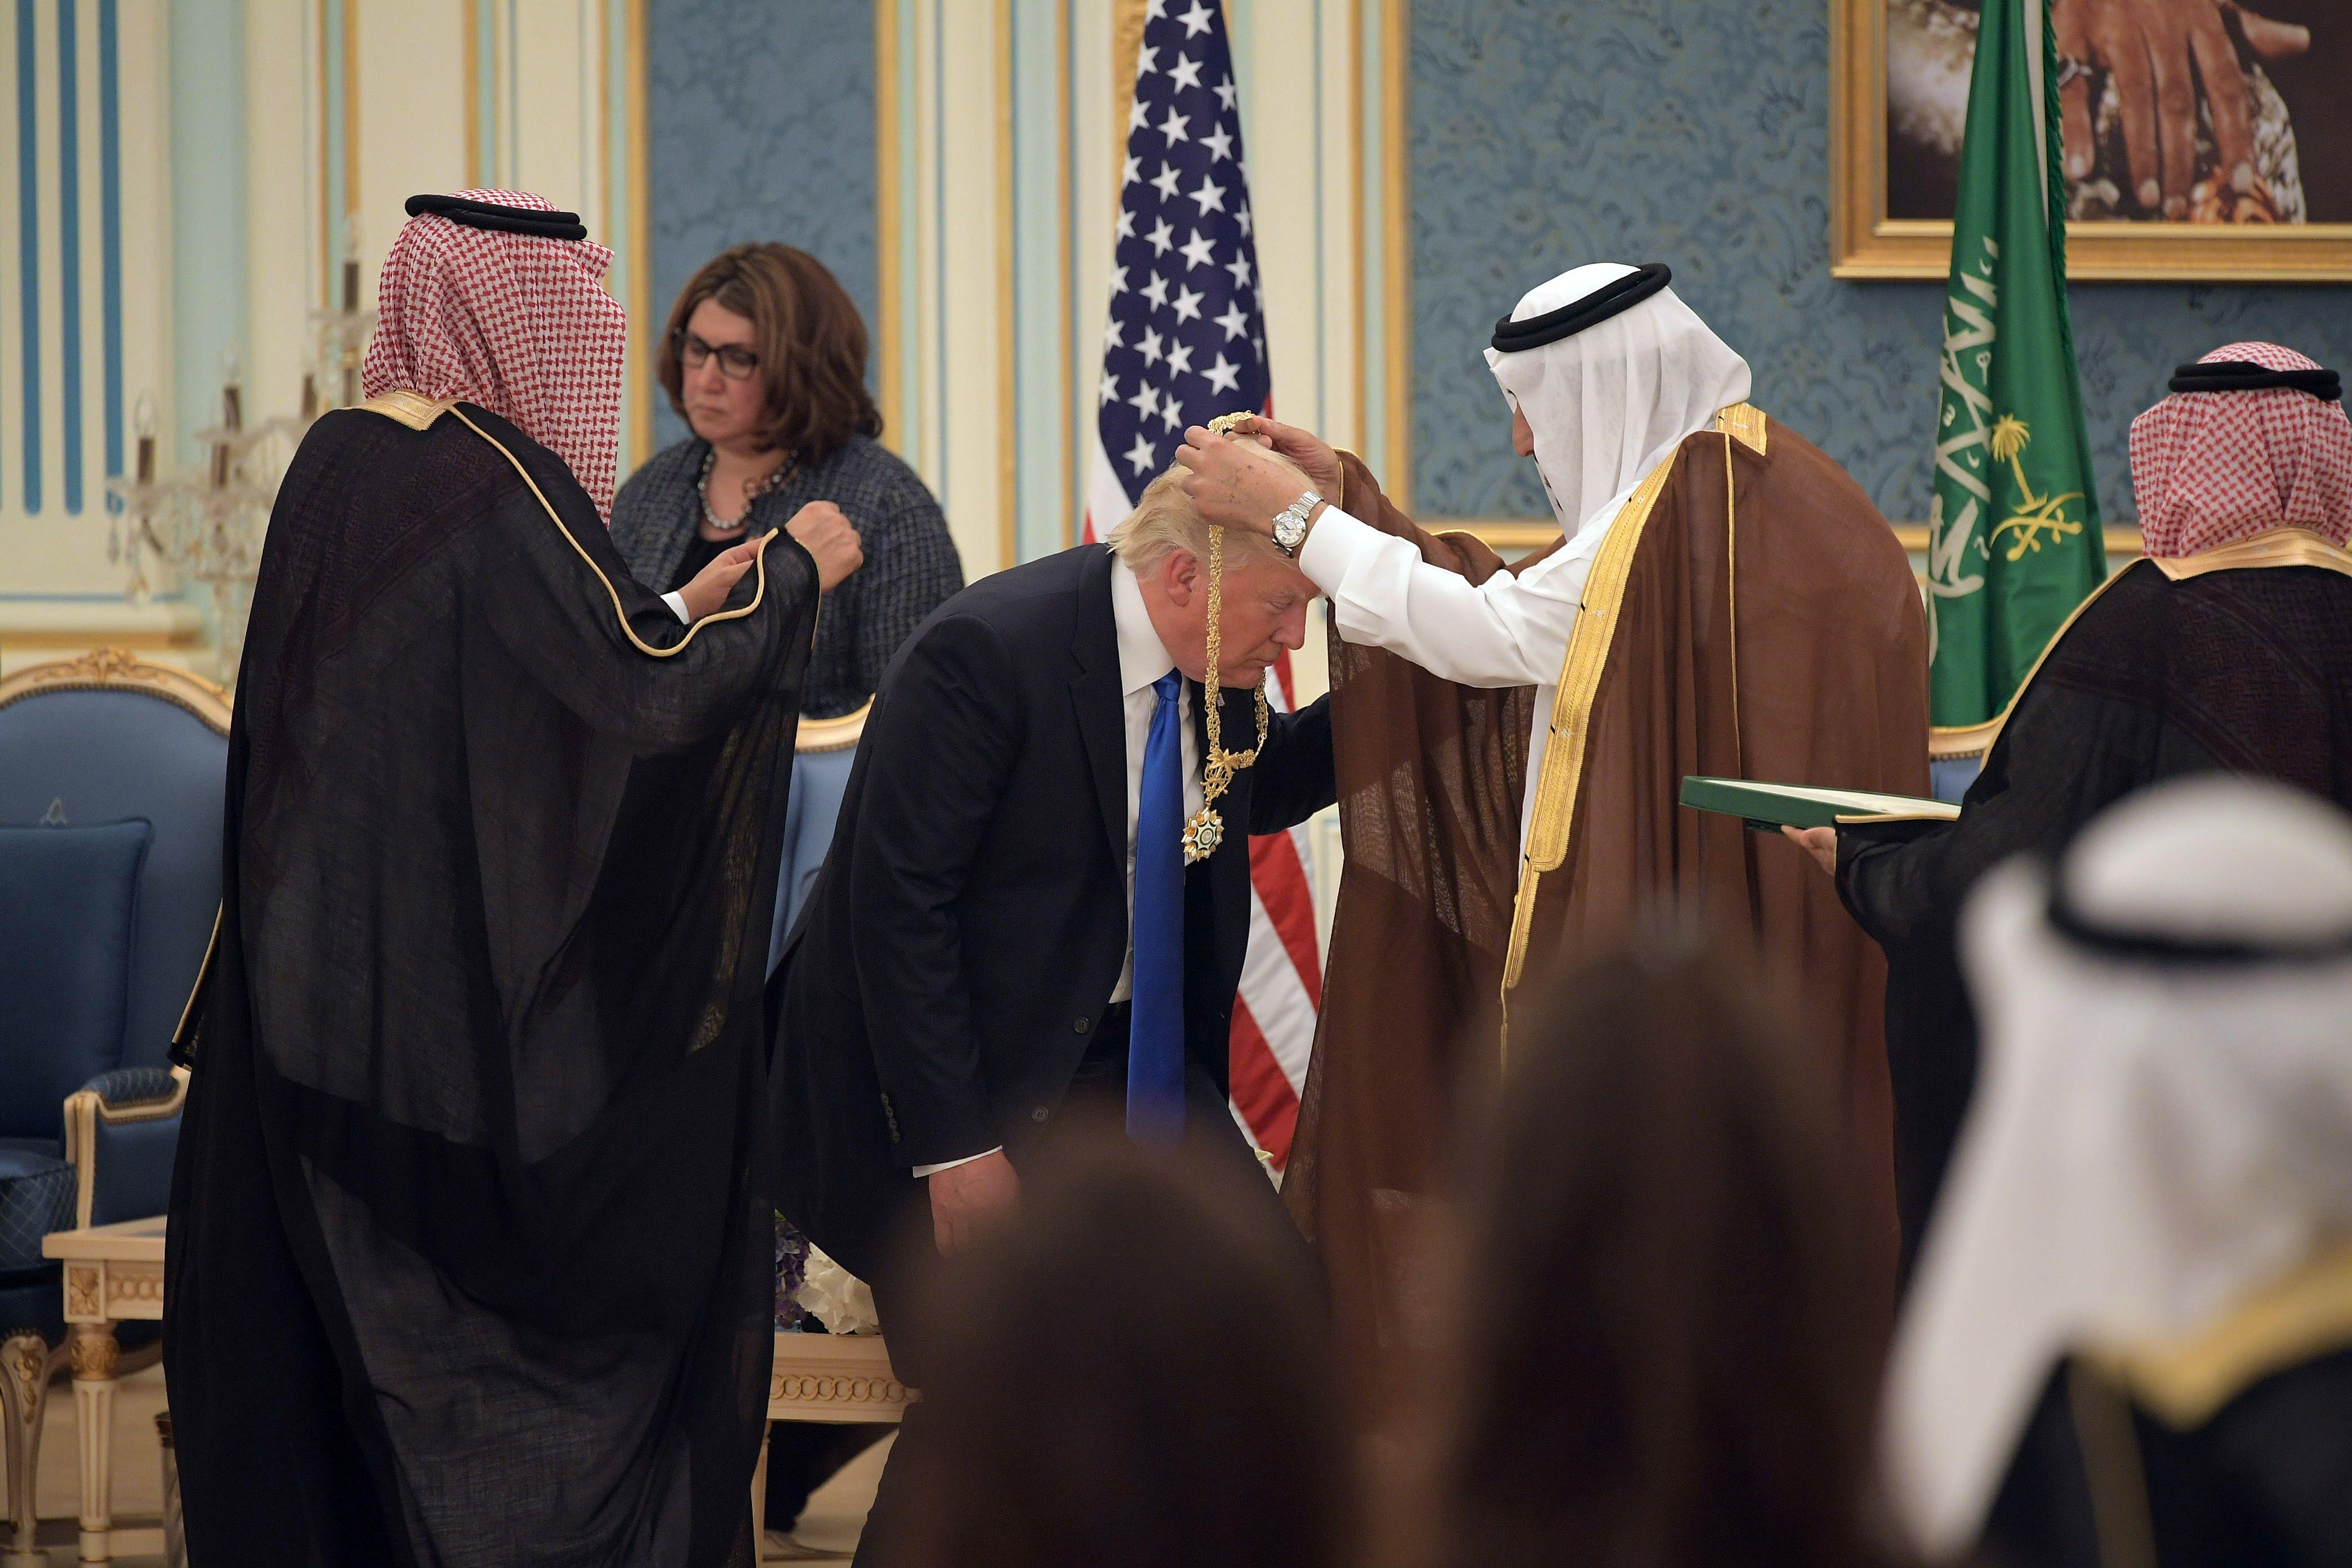 الملك سلمان يهدى ترامب قلادة الملك عبد العزيز